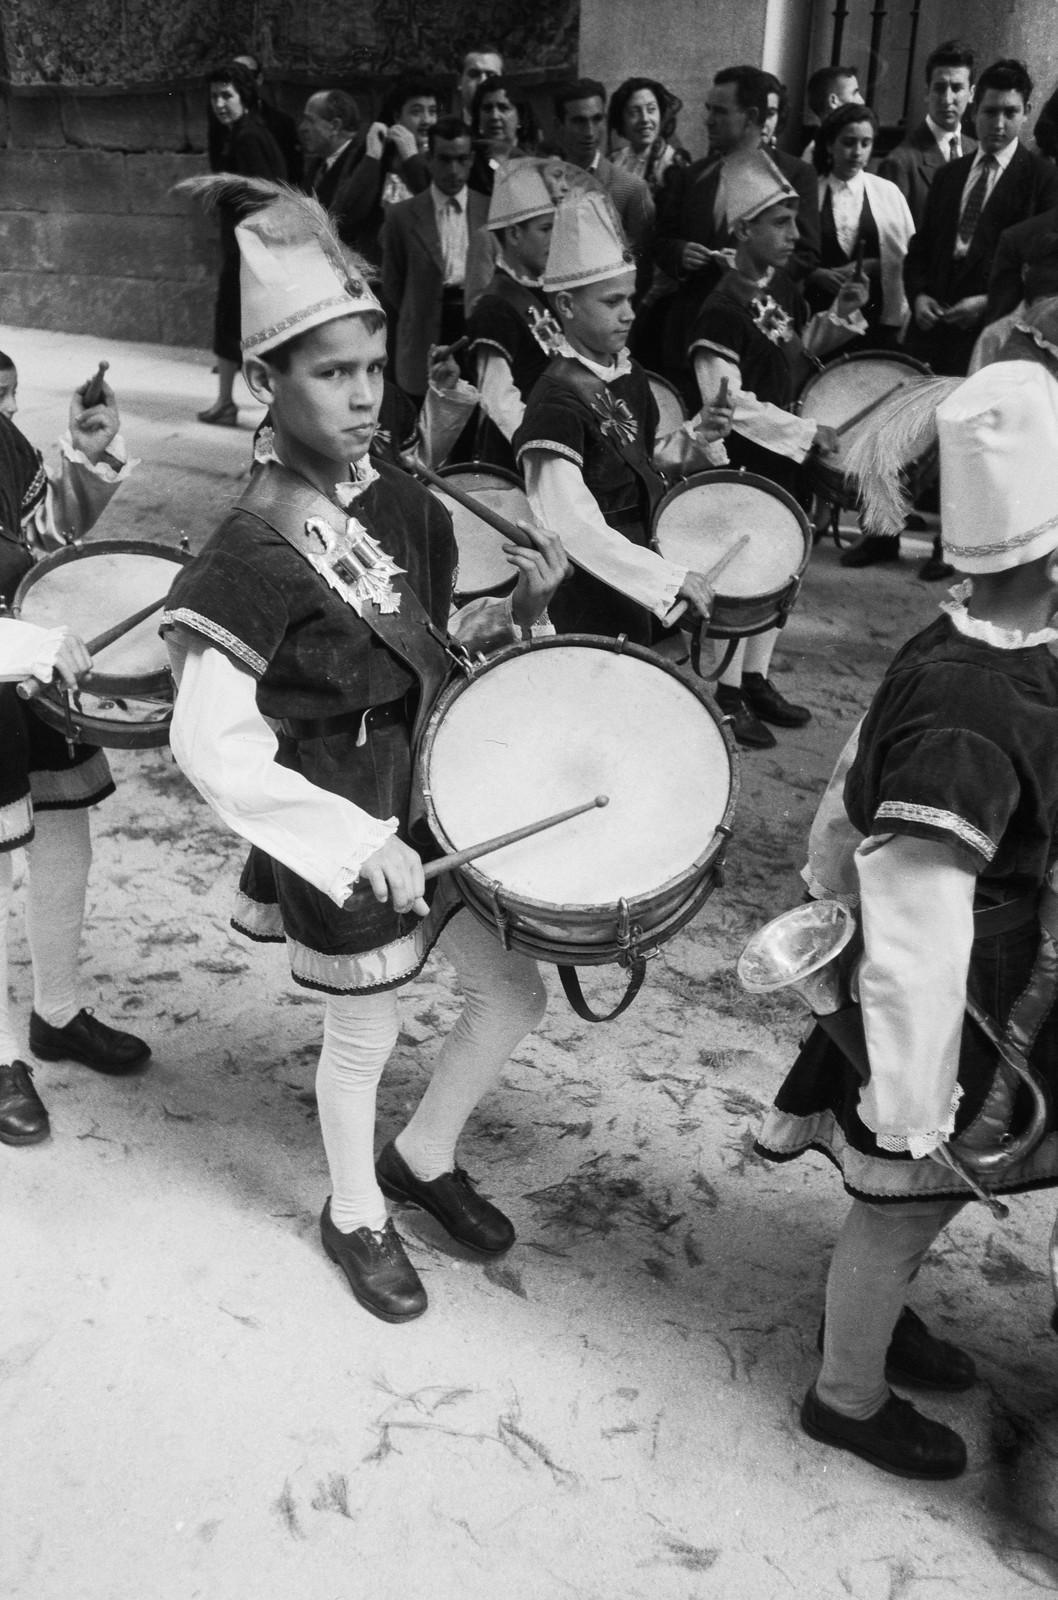 Niños tocan el tambor en las fiestas del Corpus Christi de 1955 en Toledo © ETH-Bibliothek Zurich